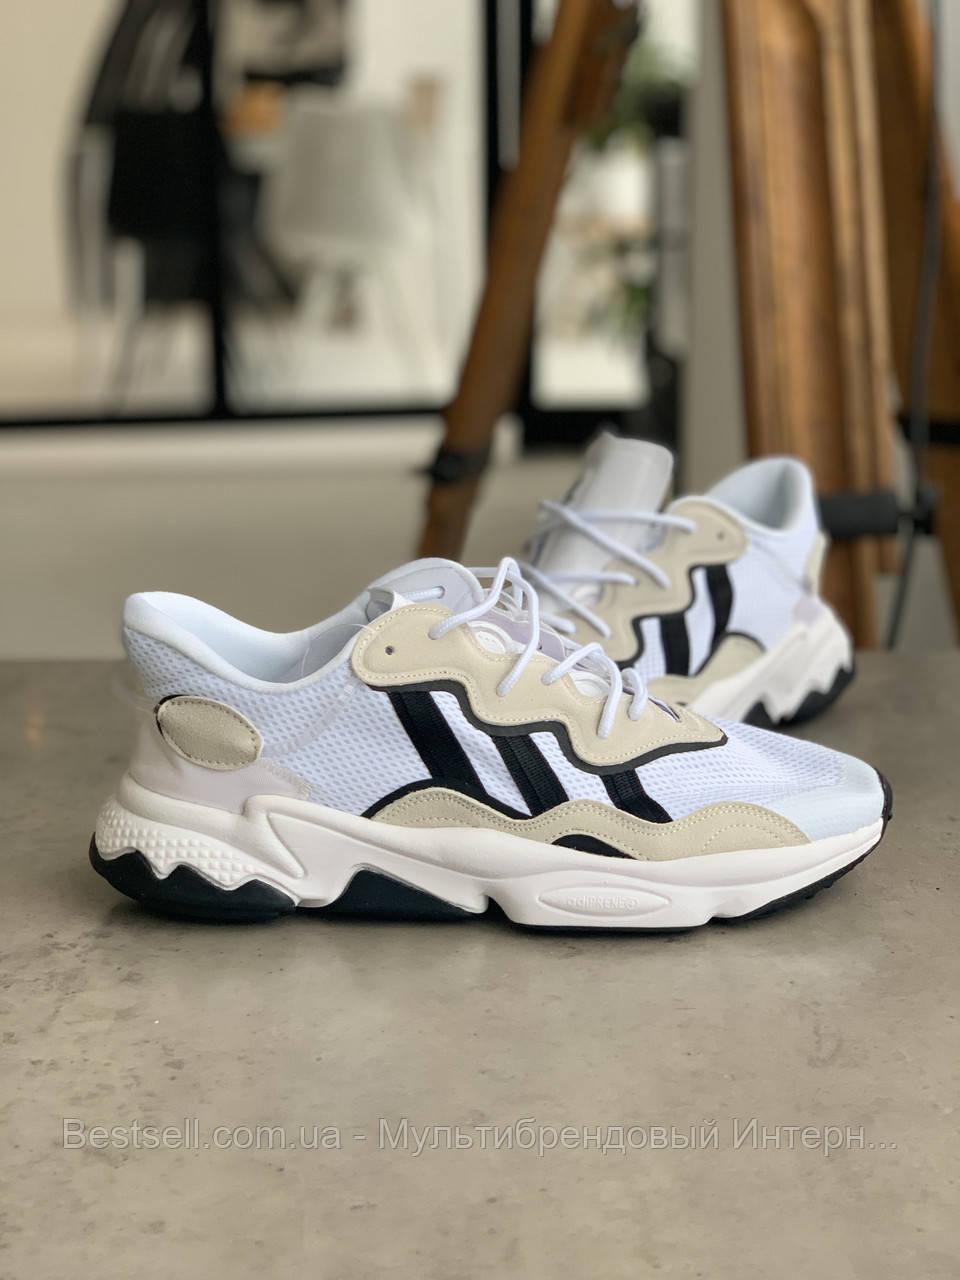 Кросівки Adidas Ozweego White with black stripes Адідас Озвиго Білі з чорними смужками, (41,42,43,44,45)